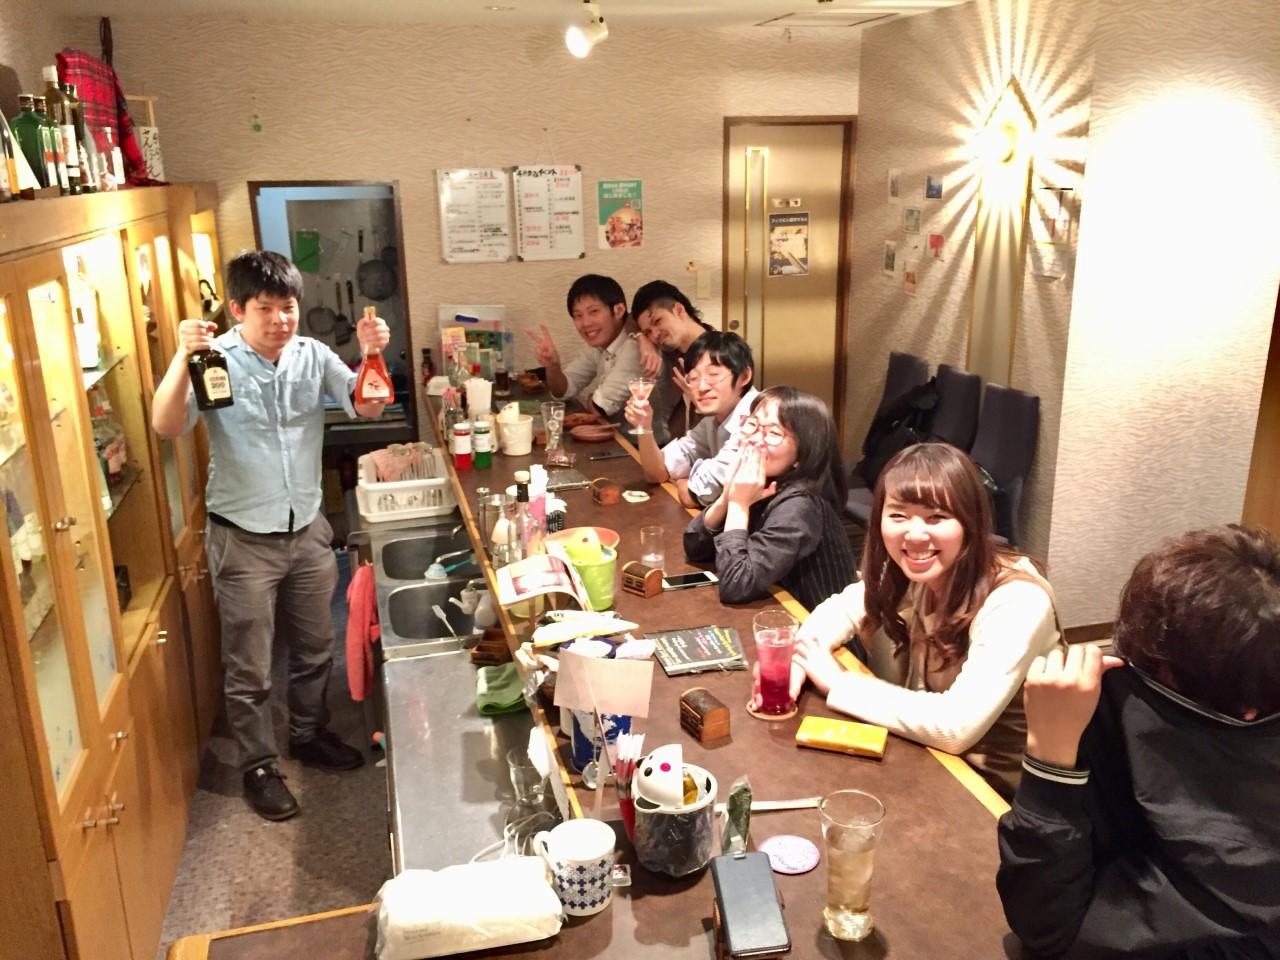 愛知県名古屋市在住のyoutuberと会える場所!ユーチューバーと話すならこのカフェ&BARへ!